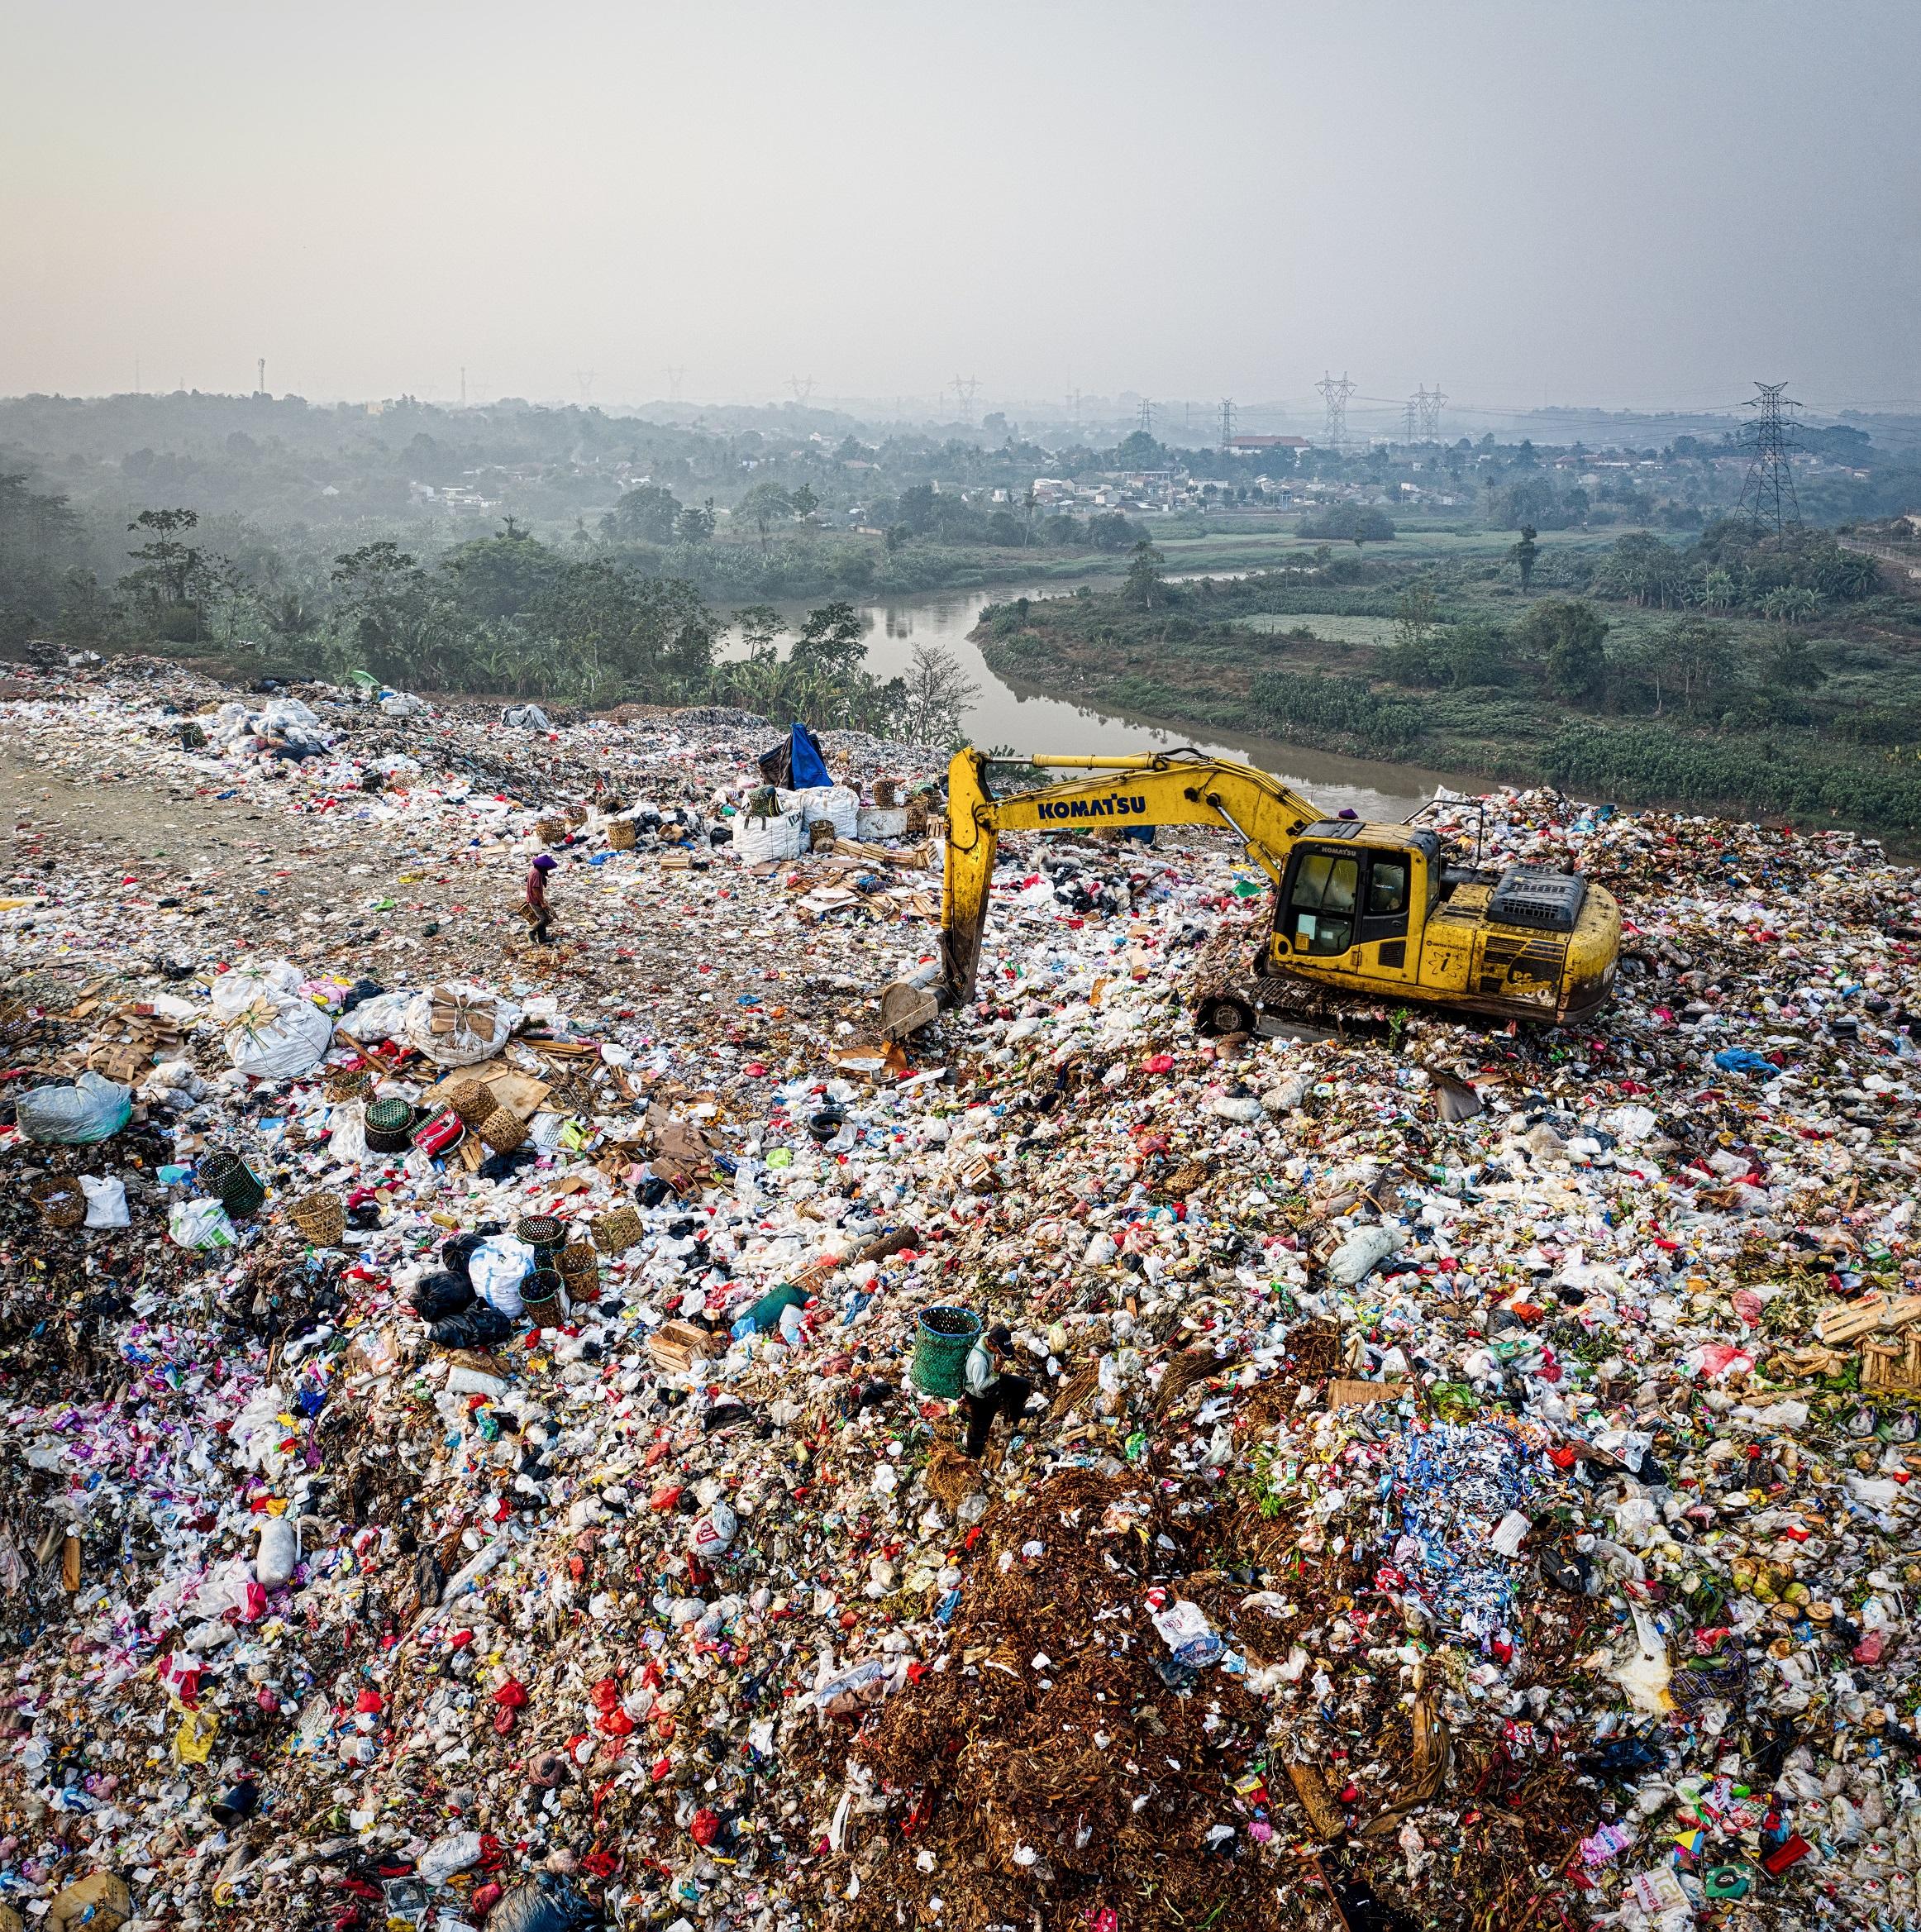 Obiectivele de deviere a deșeurilor municipale de la gropile de gunoi, o țintă greu de realizat pentru România - Stratos.ro